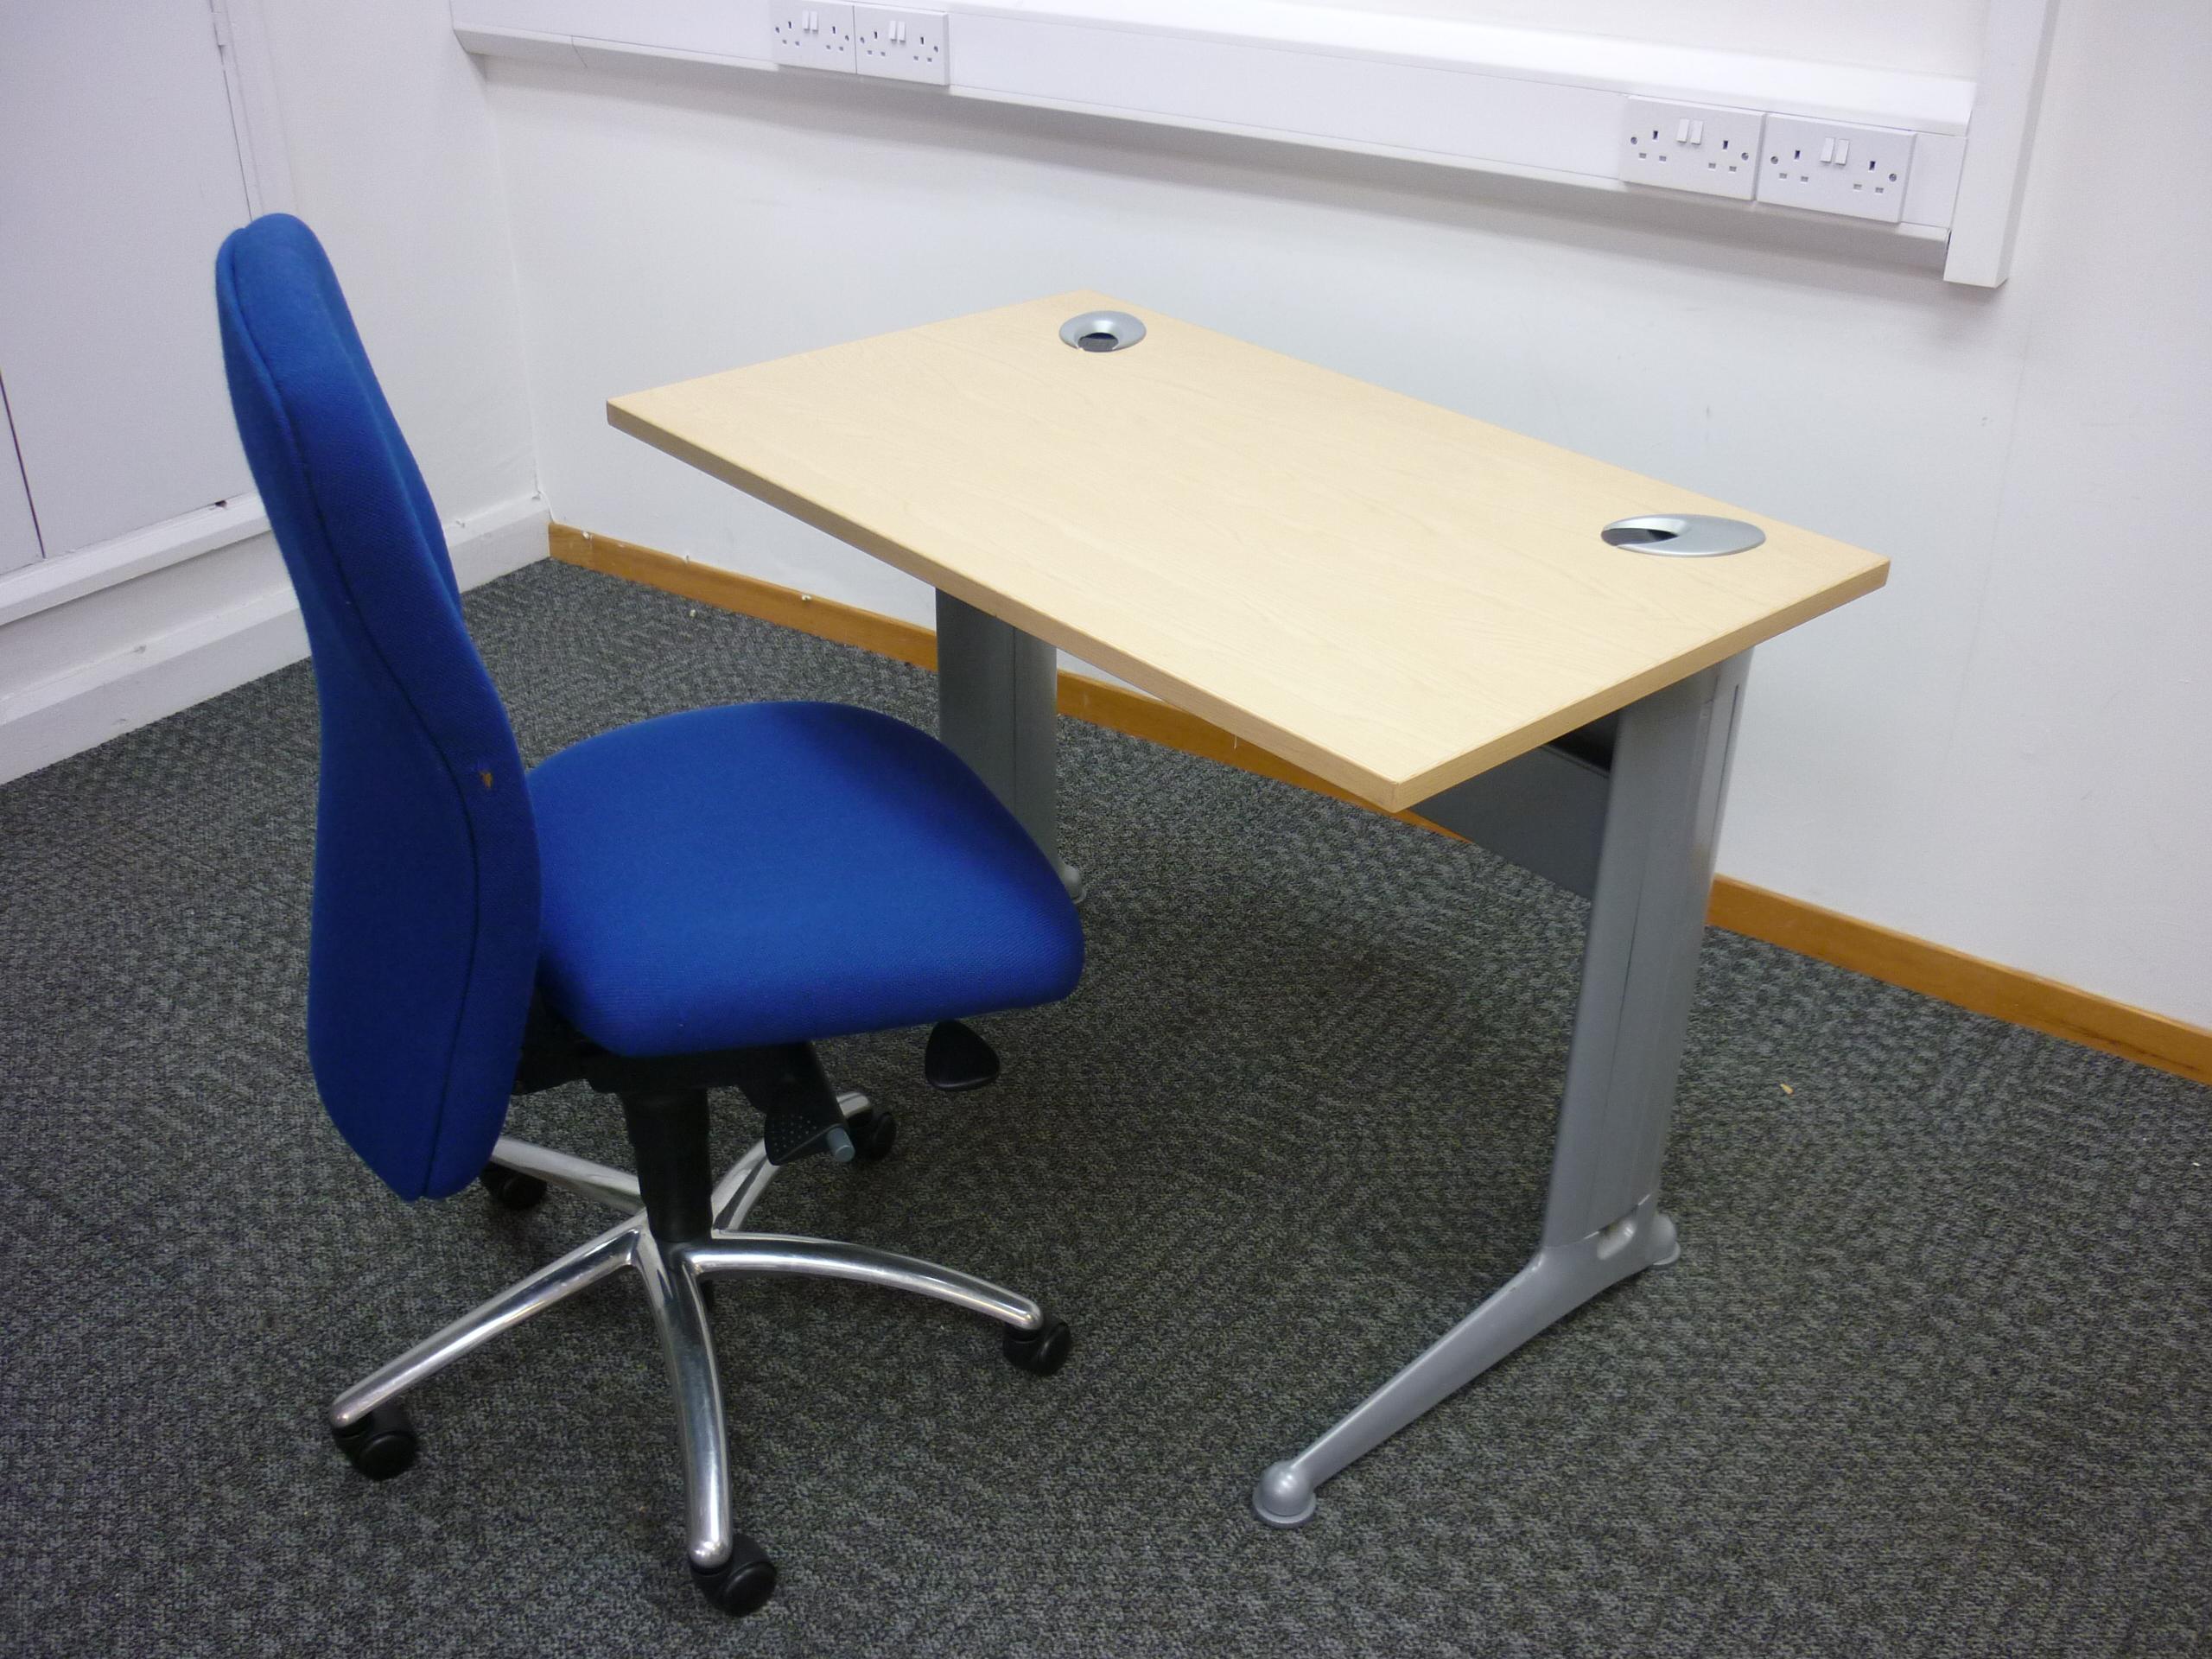 1000w x 600d mm Kassini rectangular desk